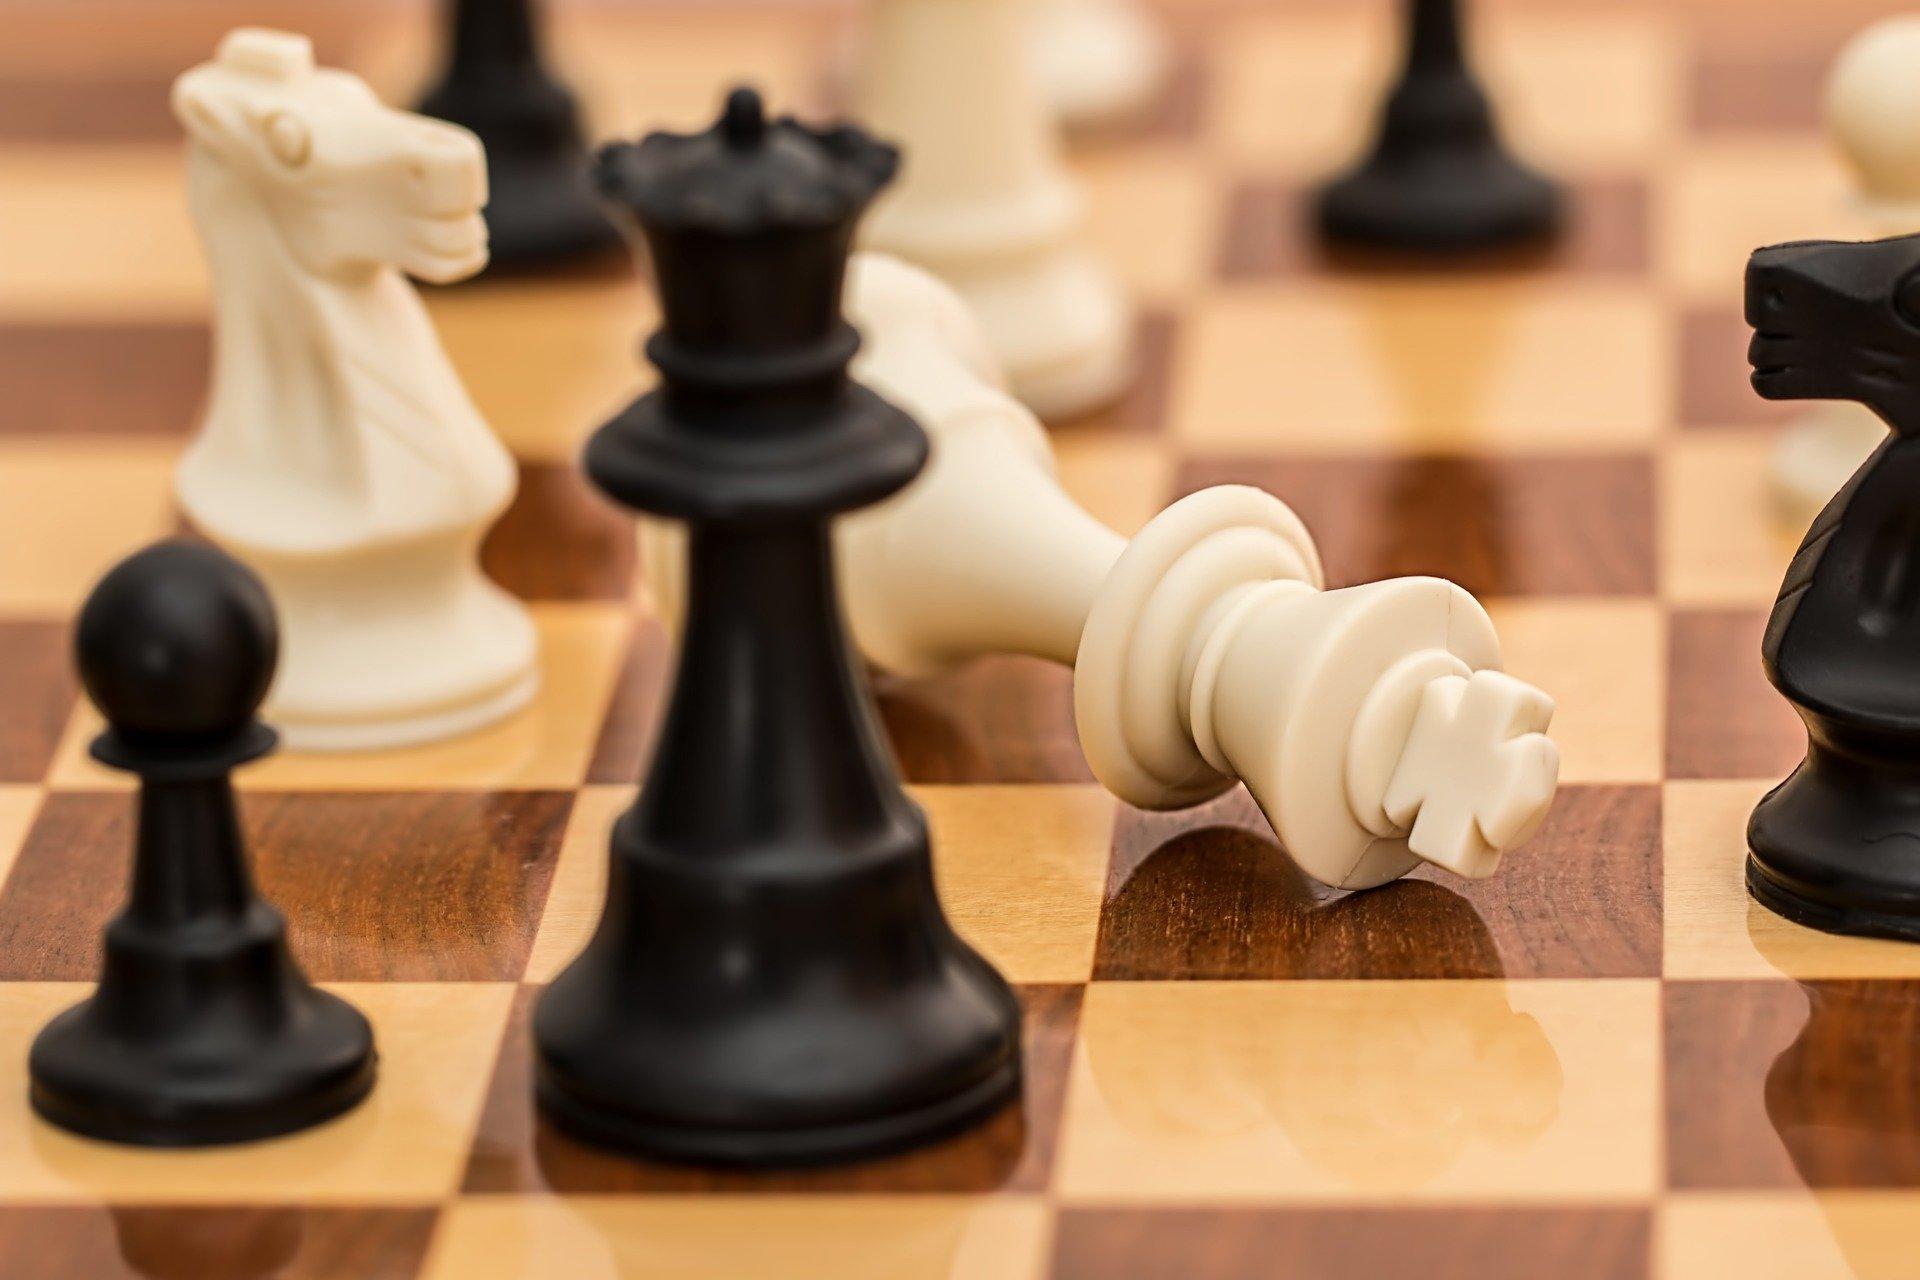 Jeu d'échecs symbolisant la stratégie commerciale d'une entreprise en période de crise